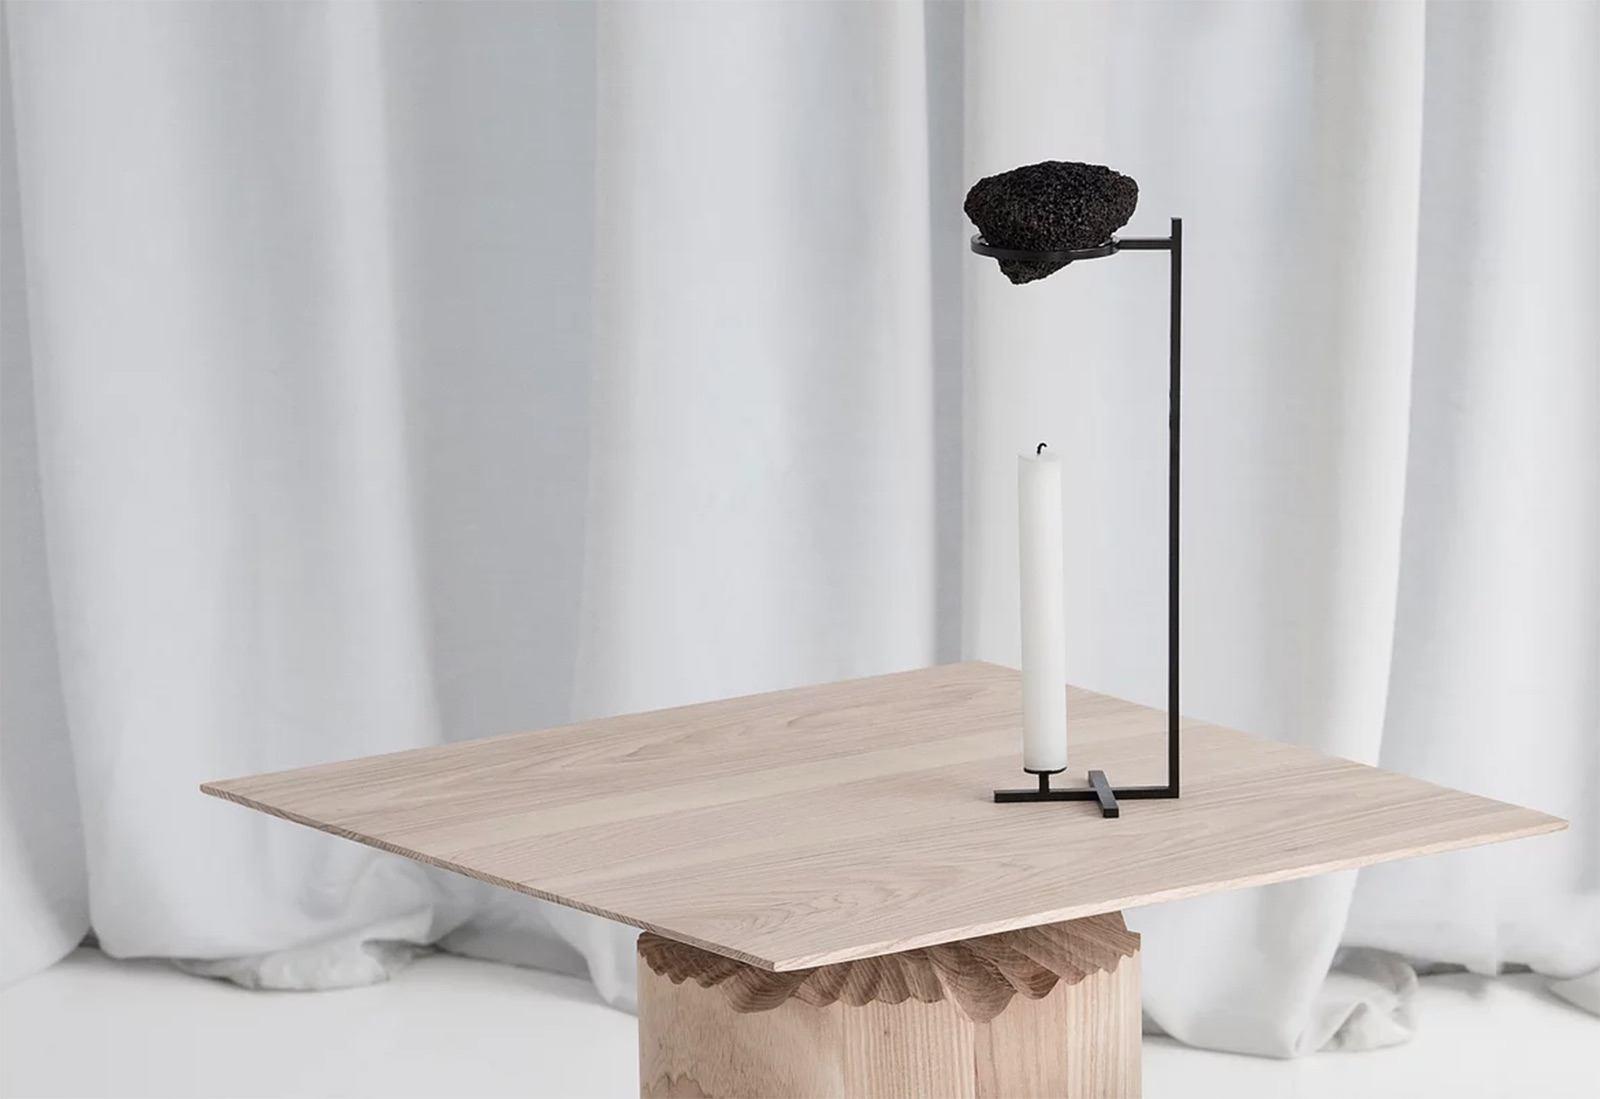 iGNANT-Design-Sanna-Volker-Nostalgia-005